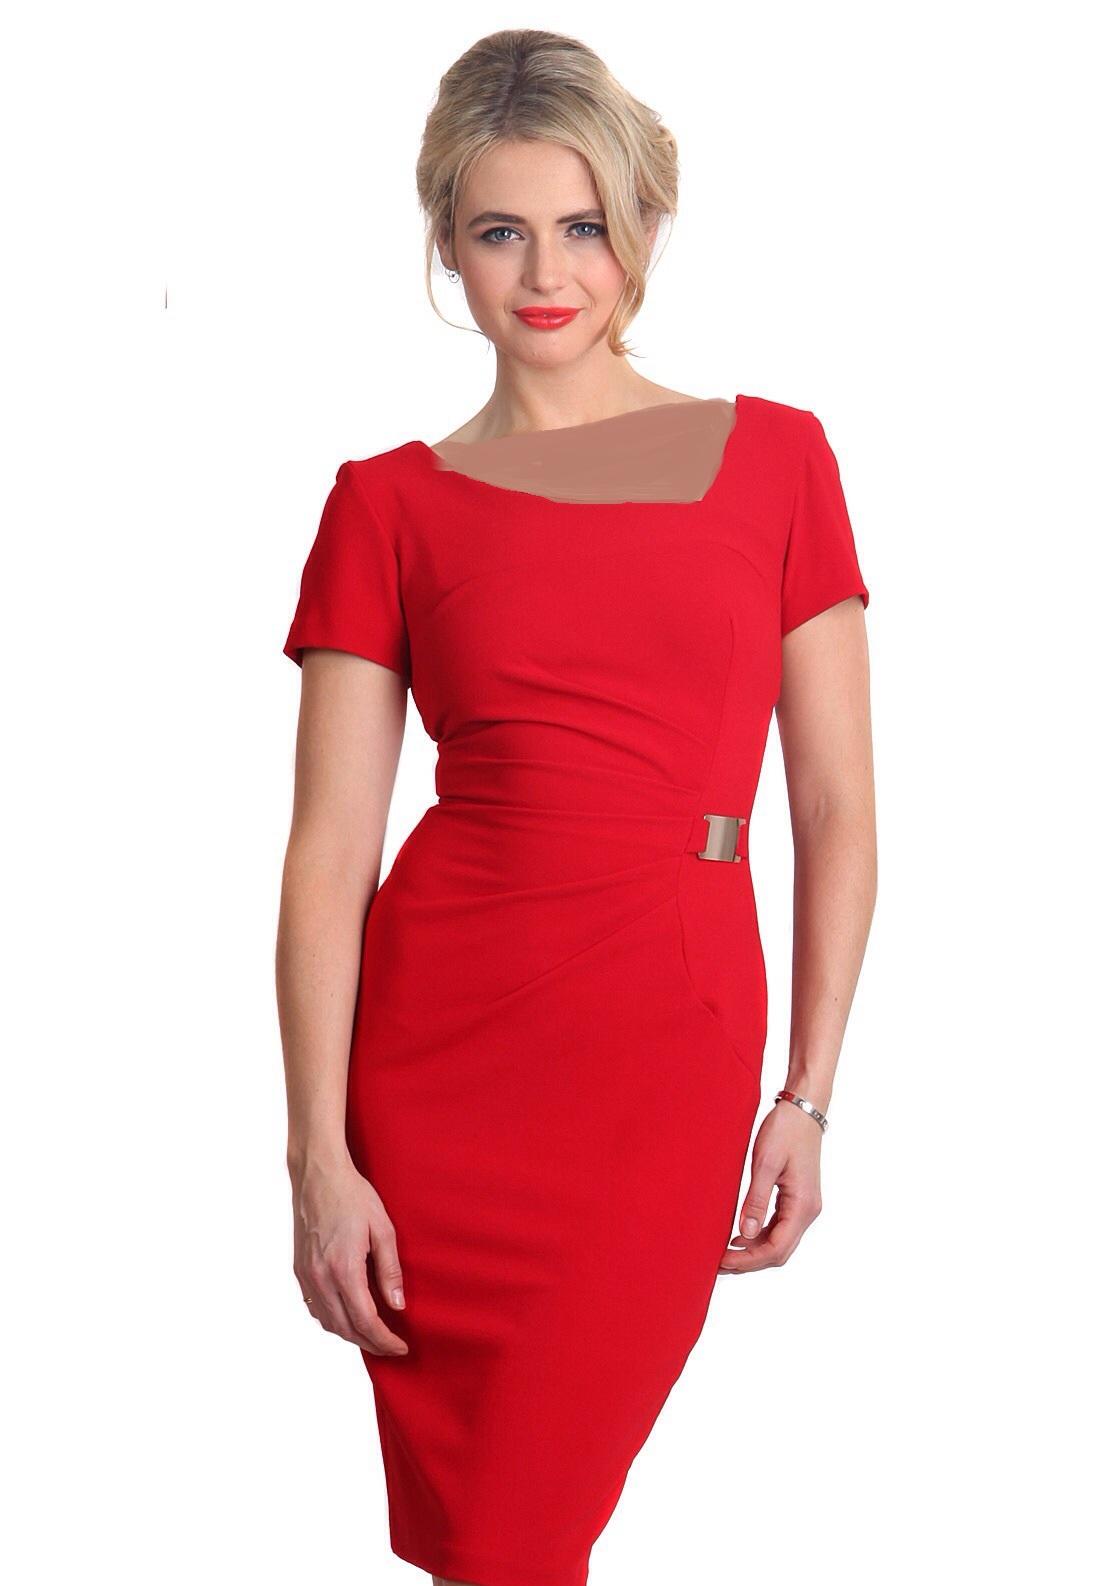 فروش اینترنتی لباس خواب زنانه